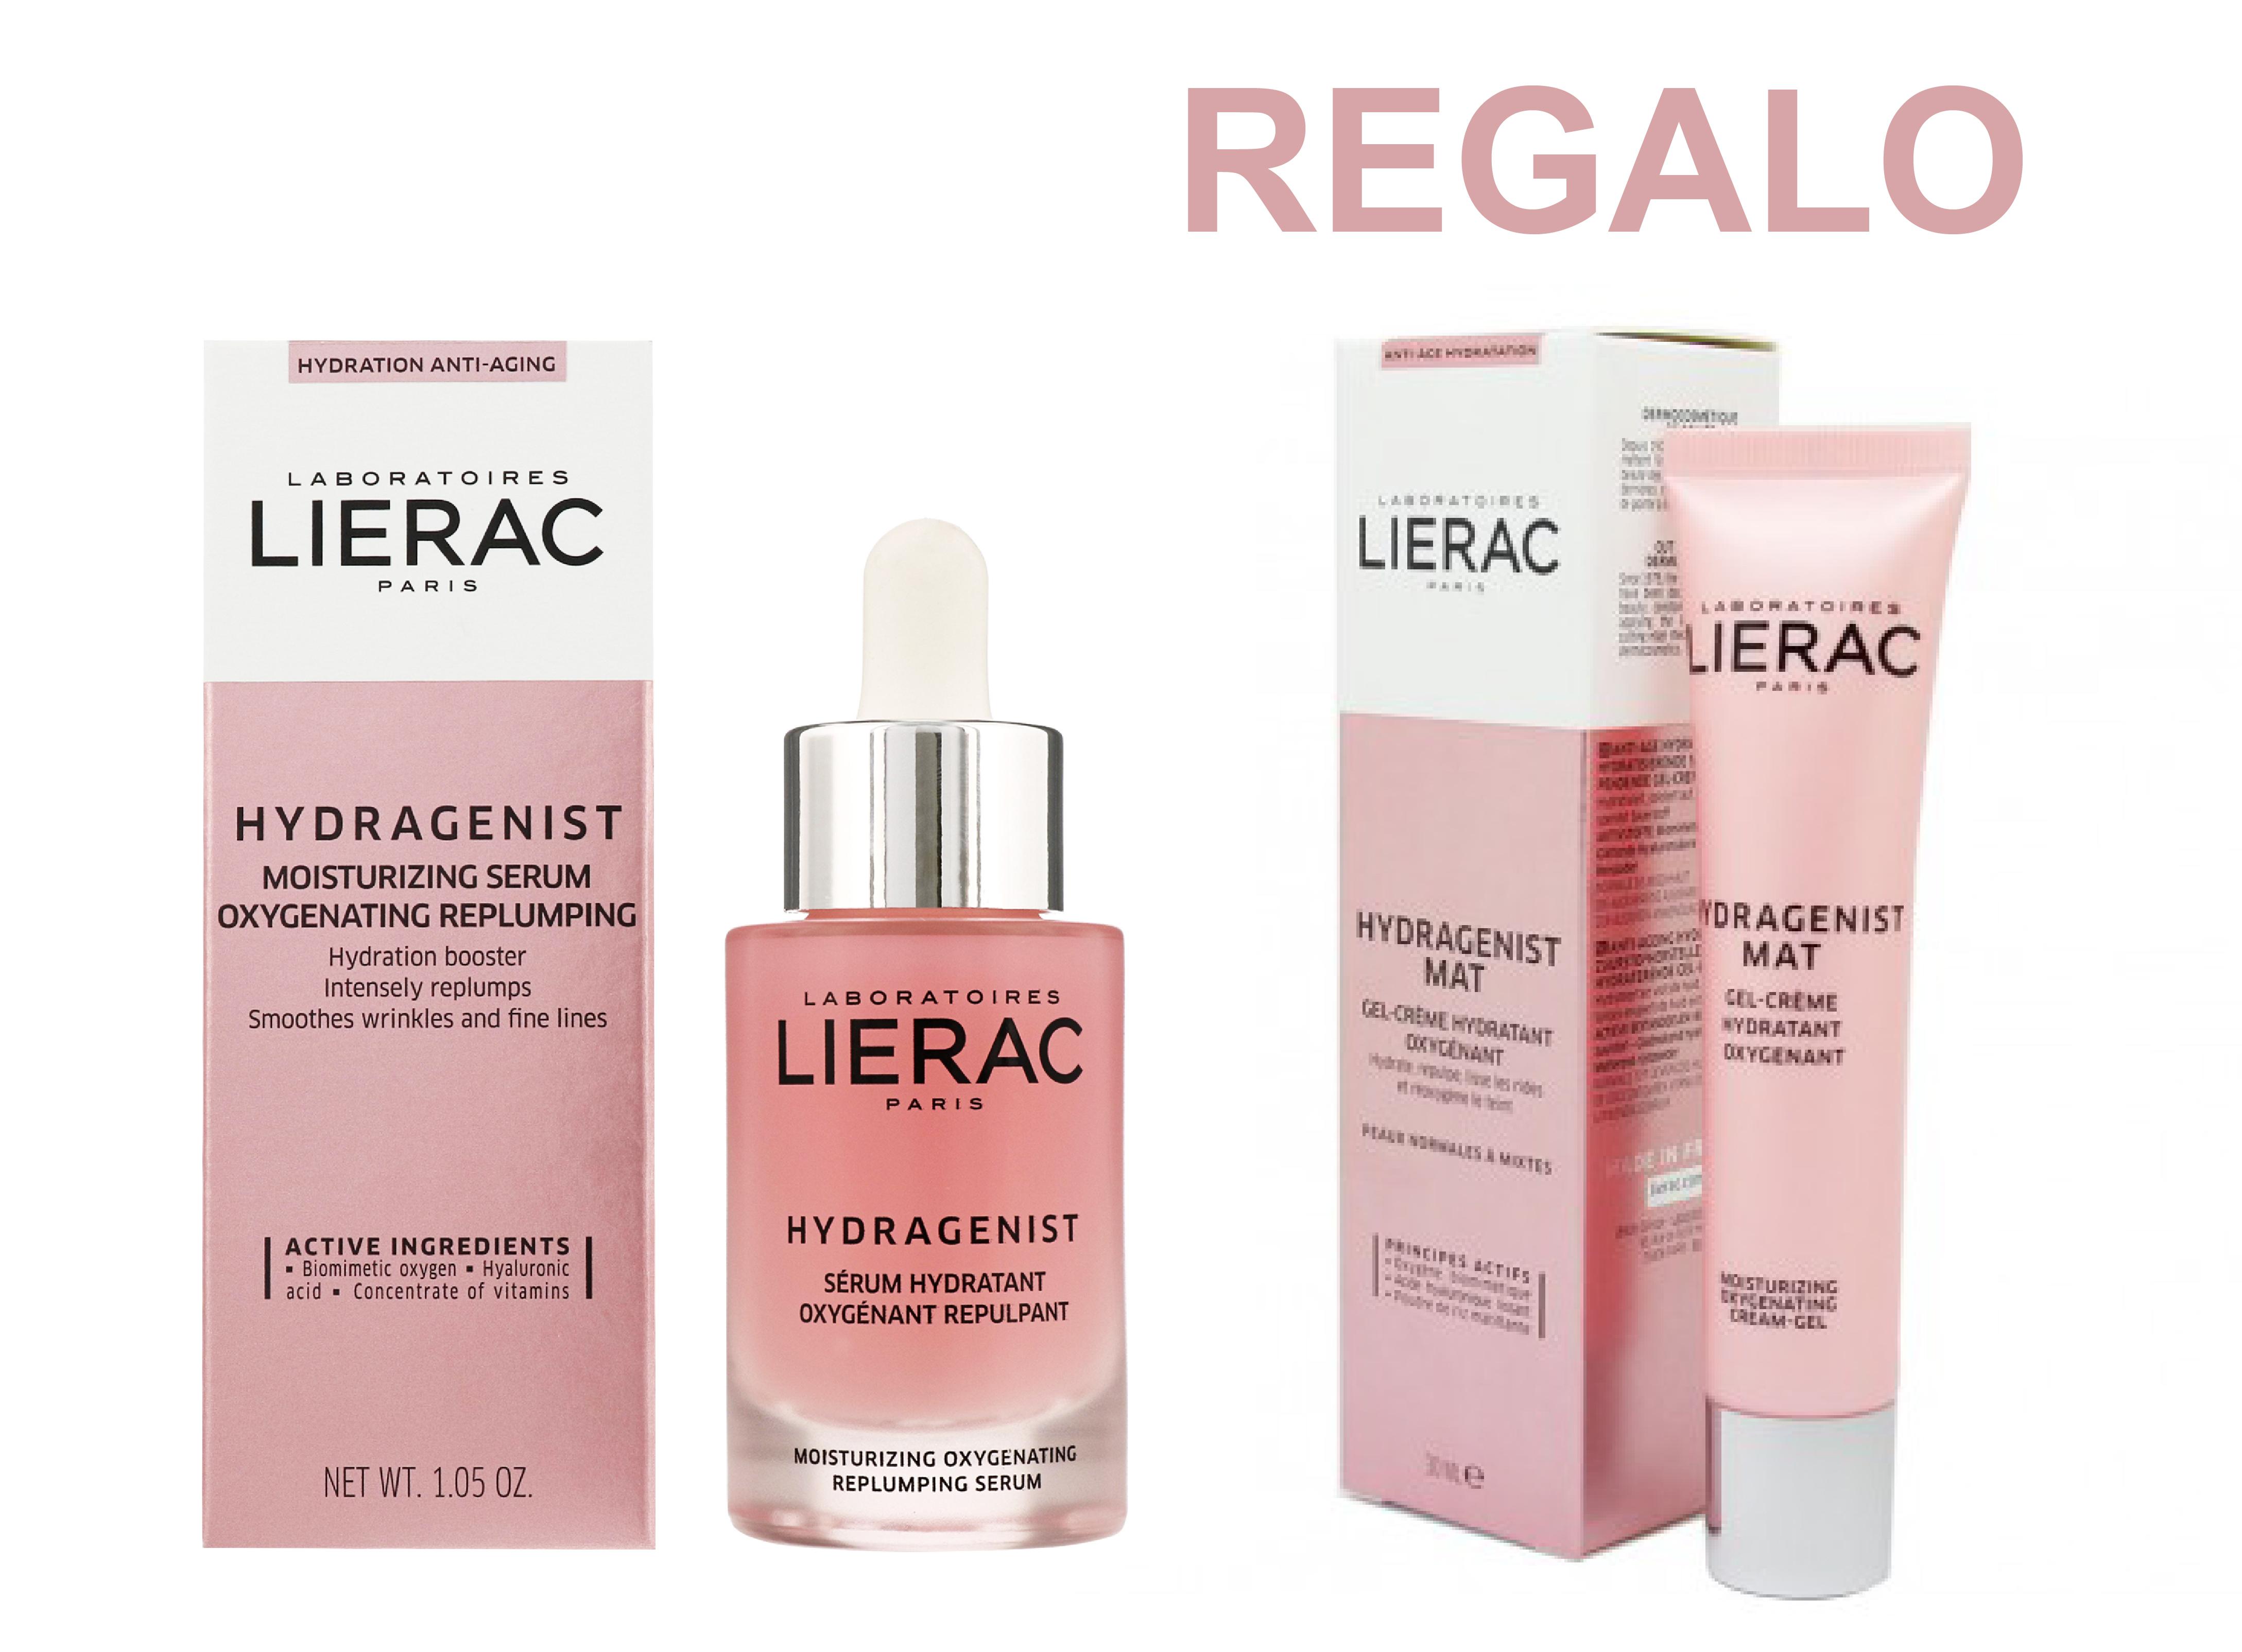 lierac-hydragenist-